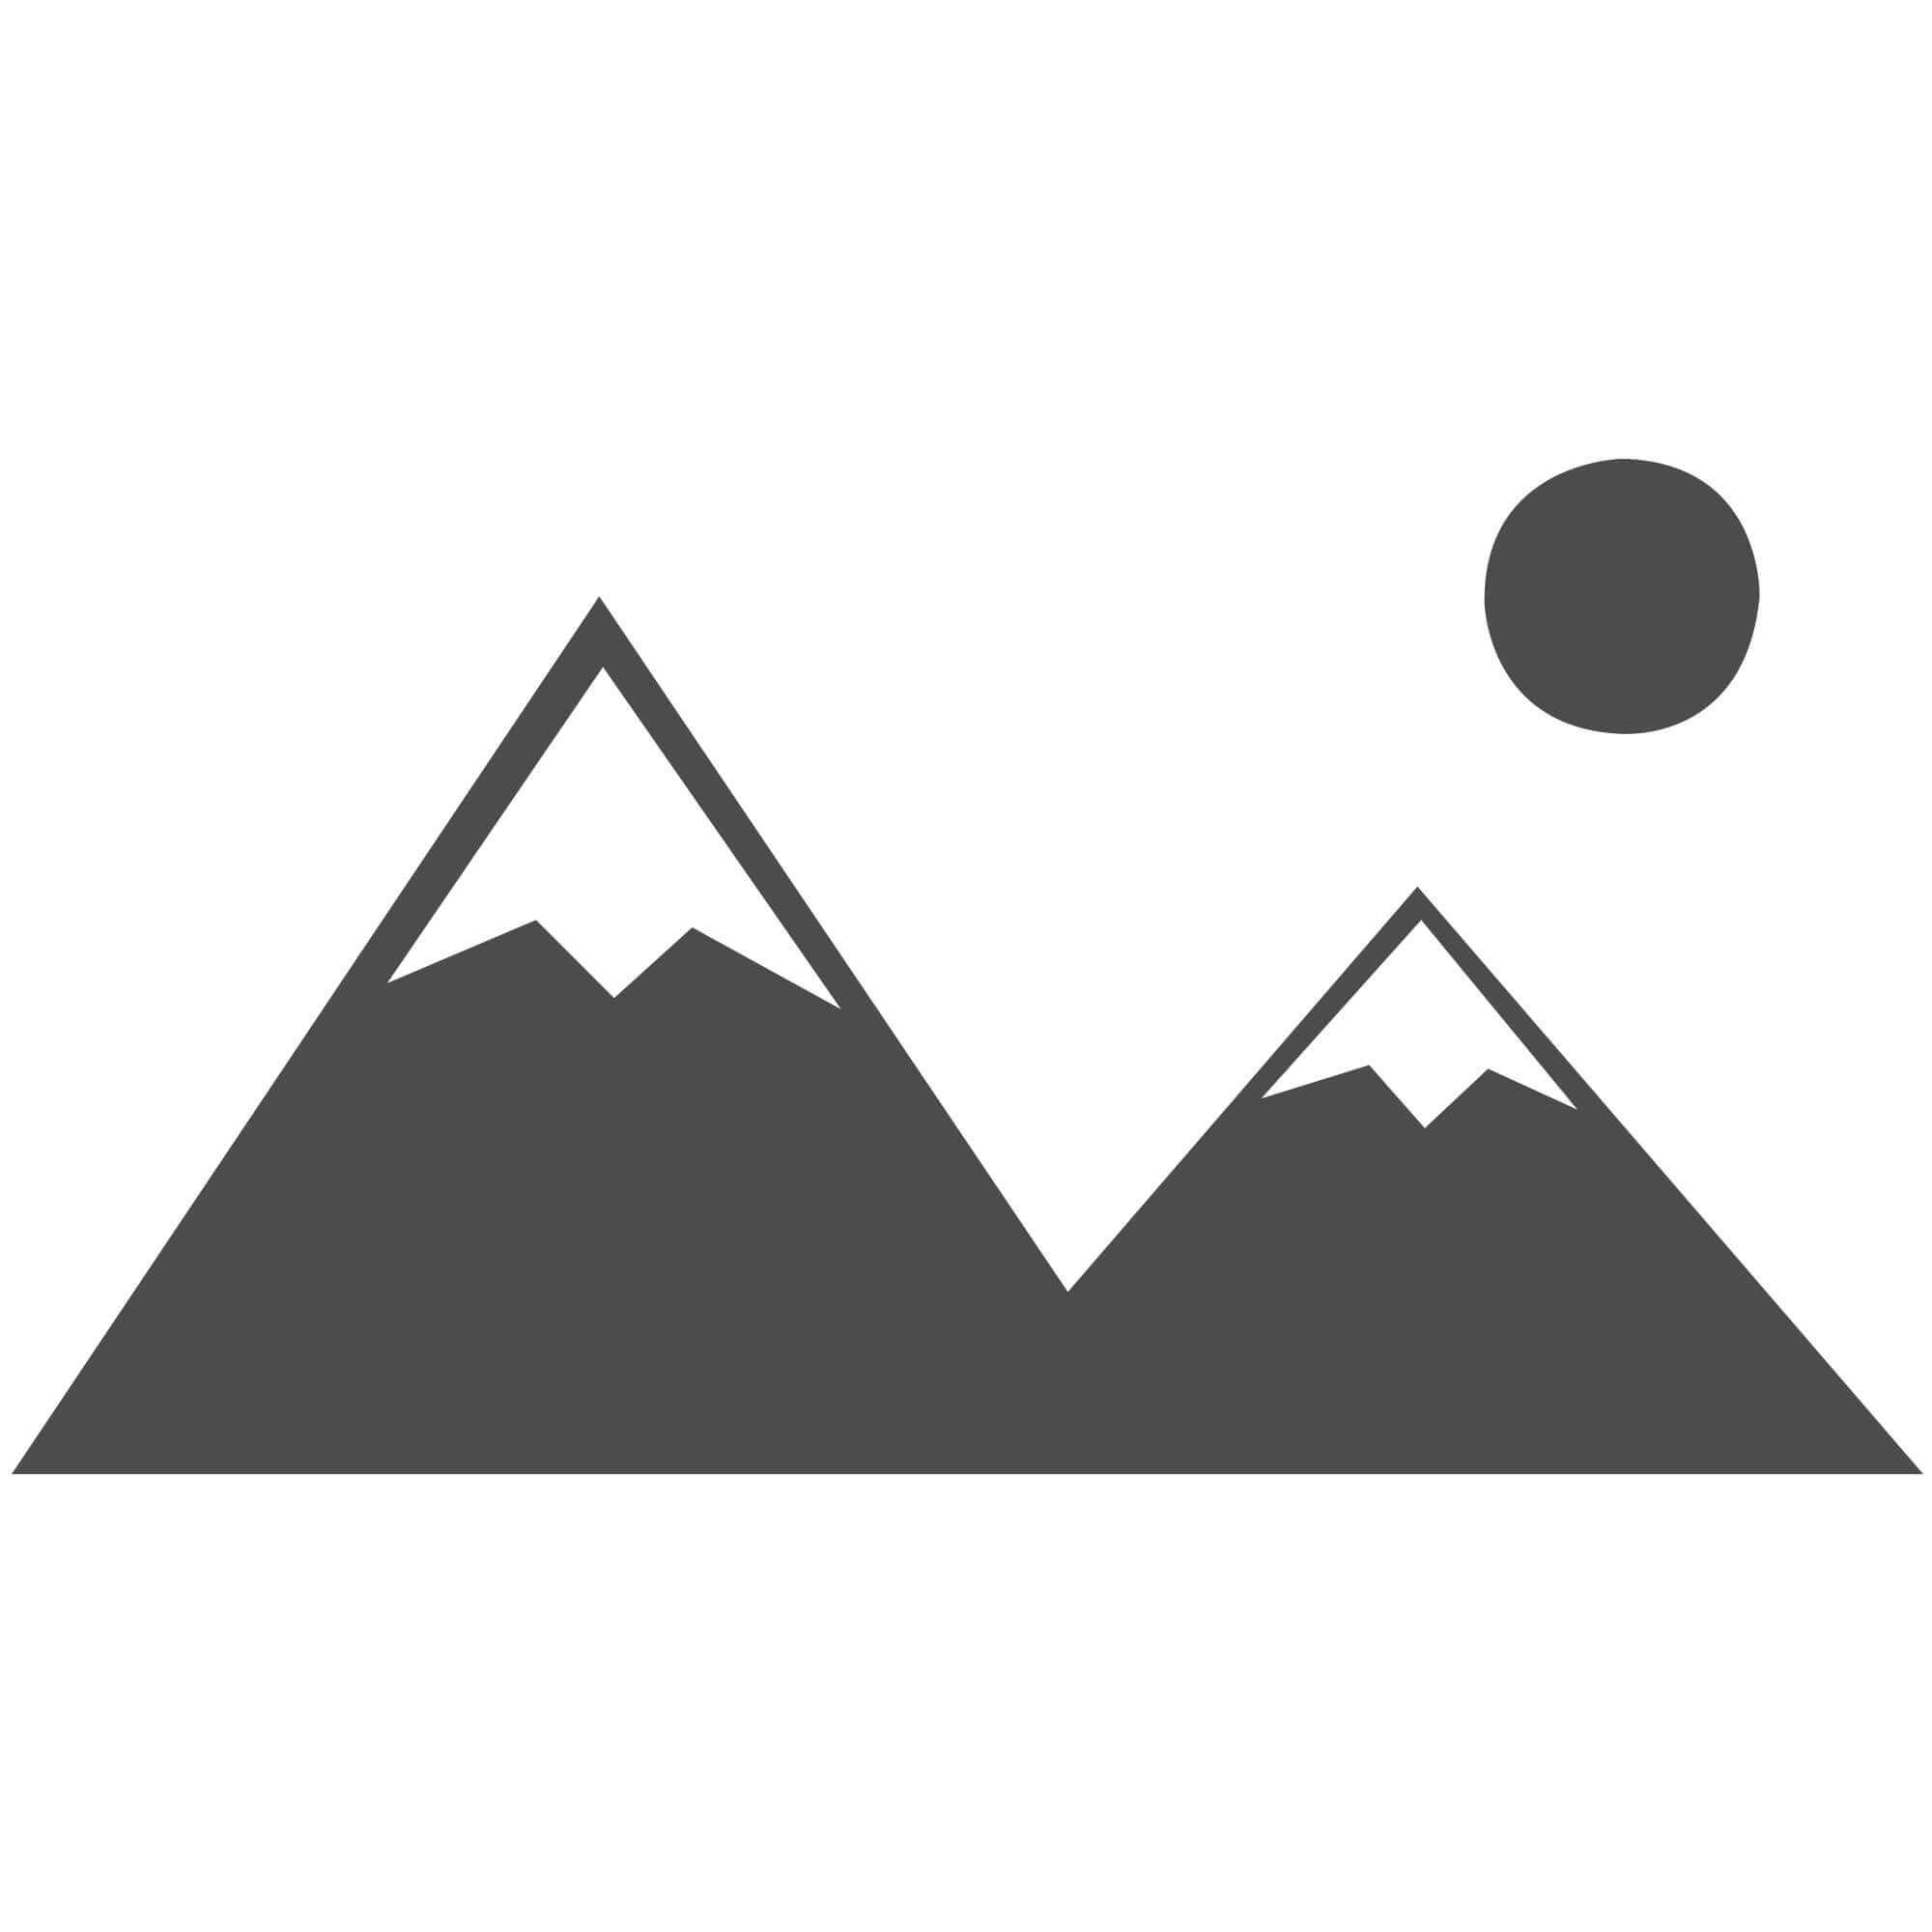 """Ziegler Traditional Persian Design Rug - 8788 Beige-240 x 340 cm (7'10"""" x 11'2"""")"""